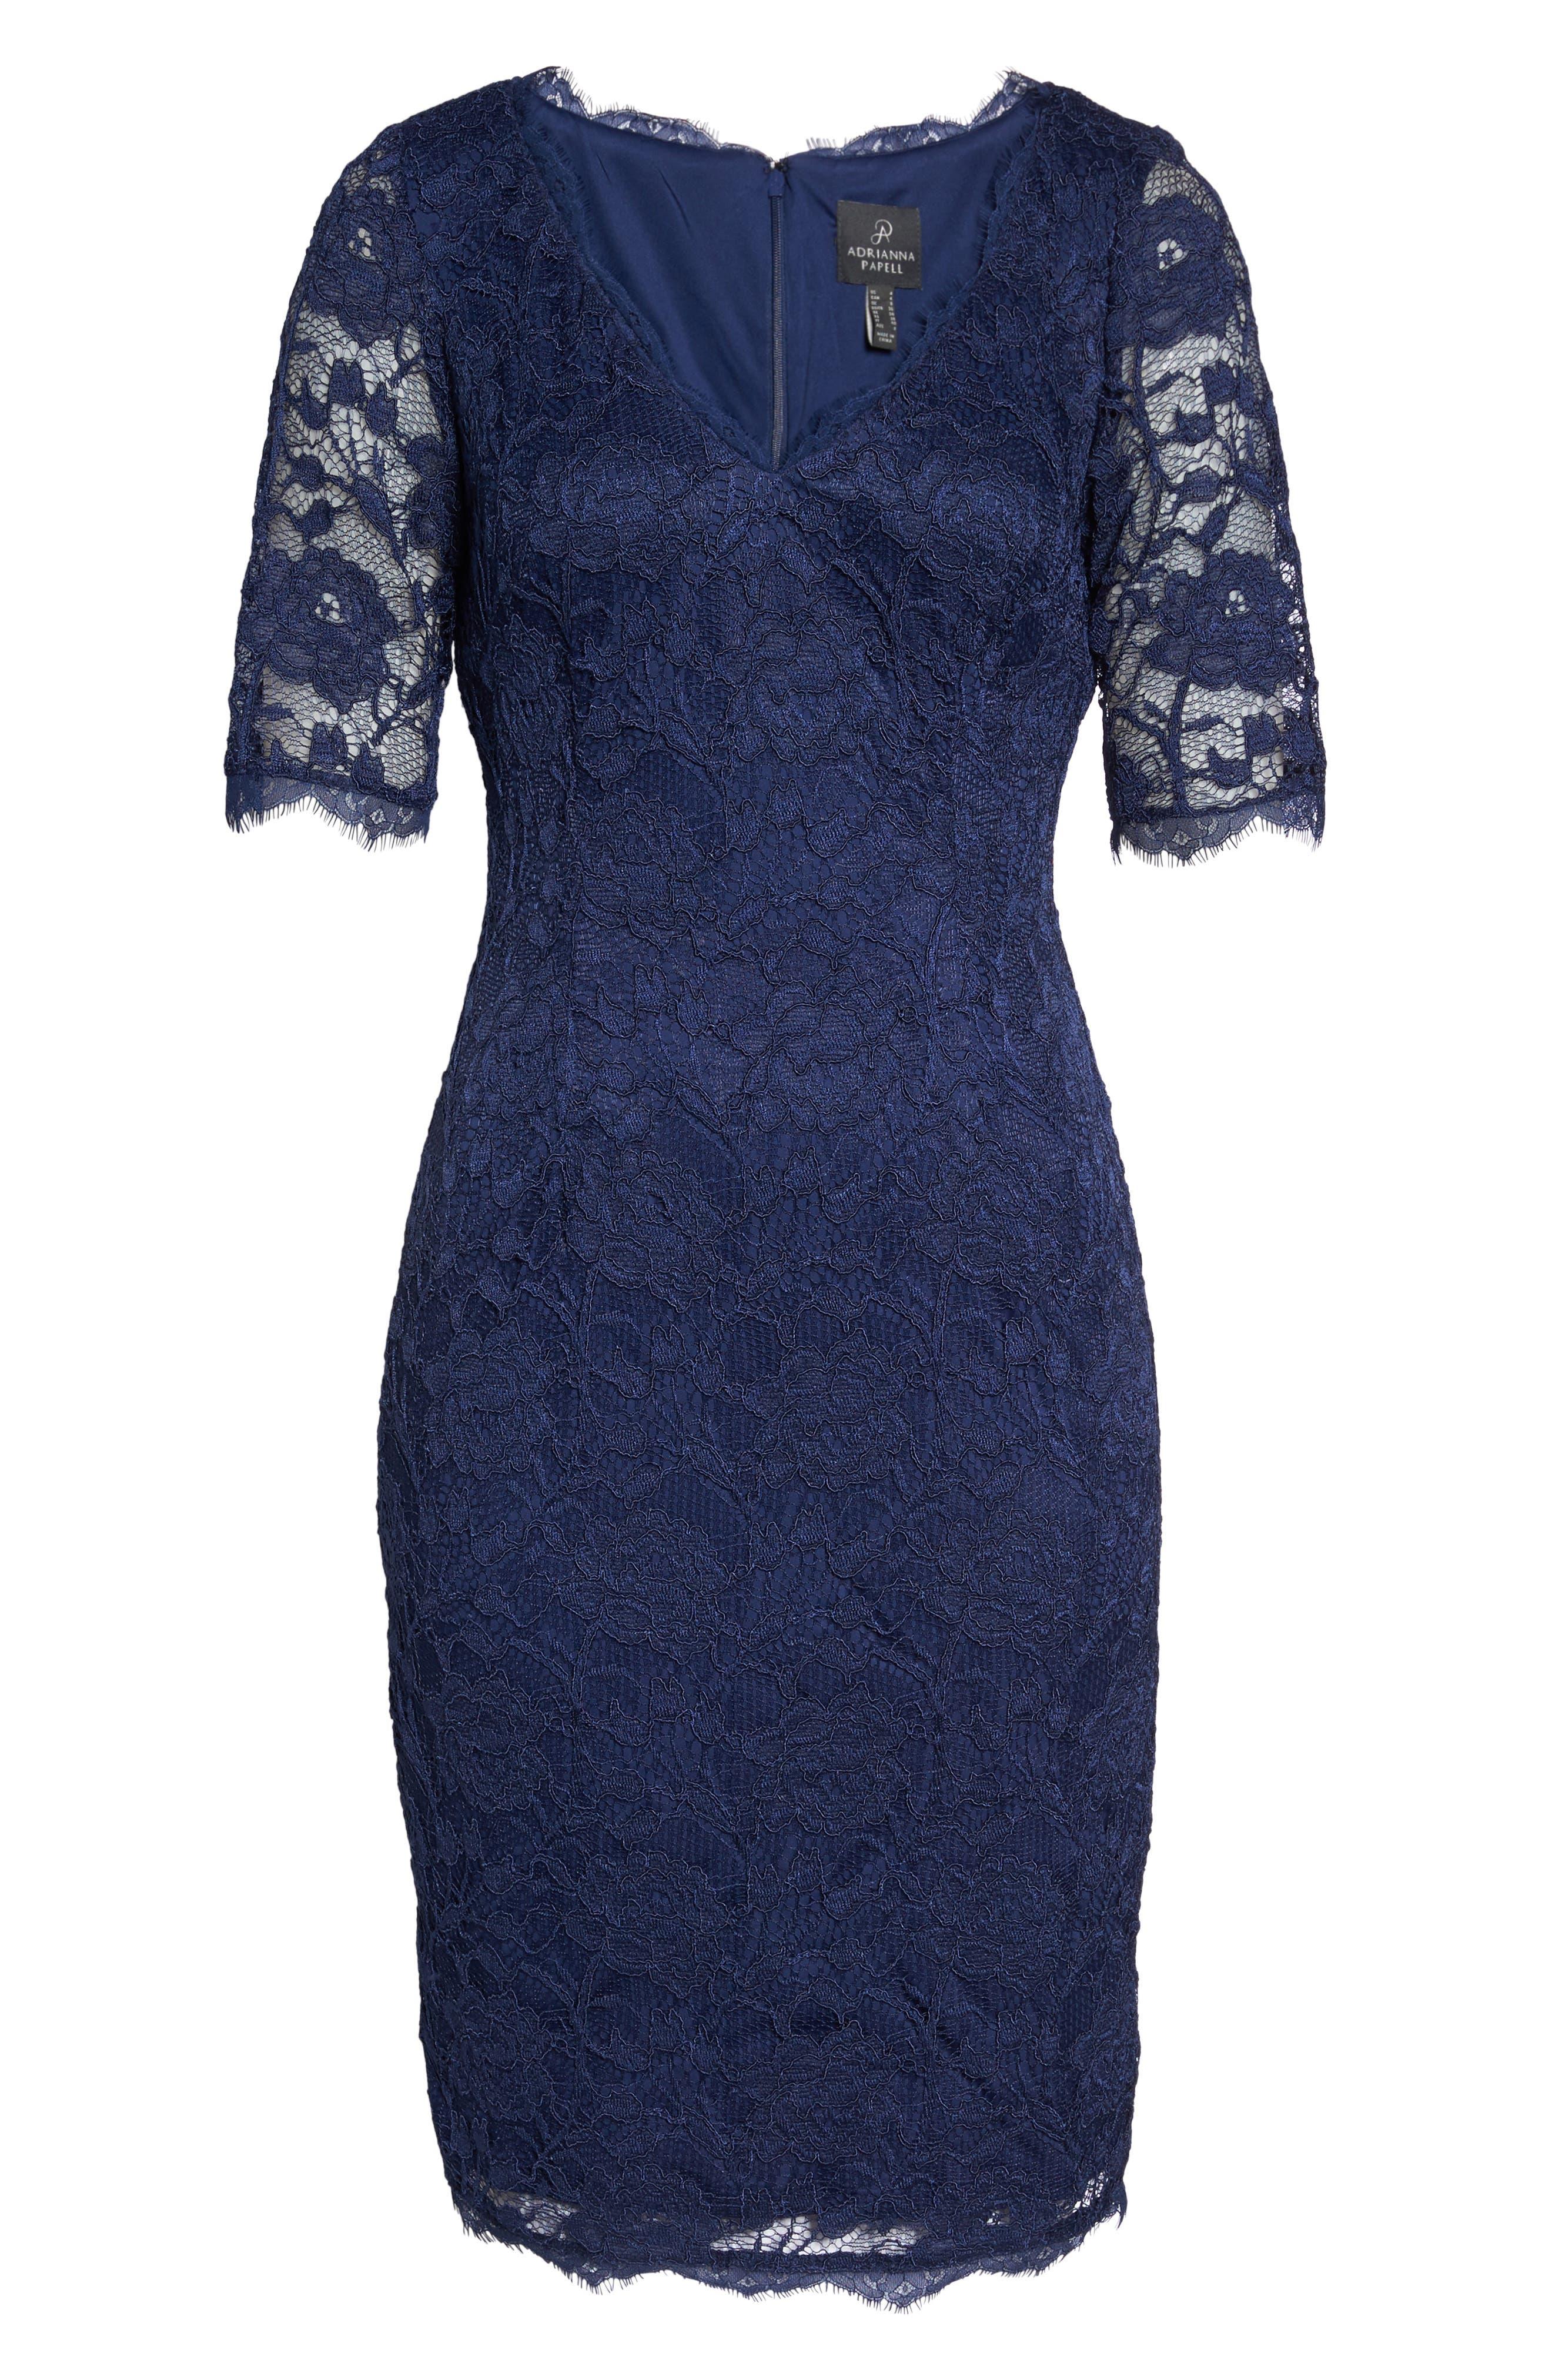 Rose Lace Sheath Dress,                             Alternate thumbnail 6, color,                             412